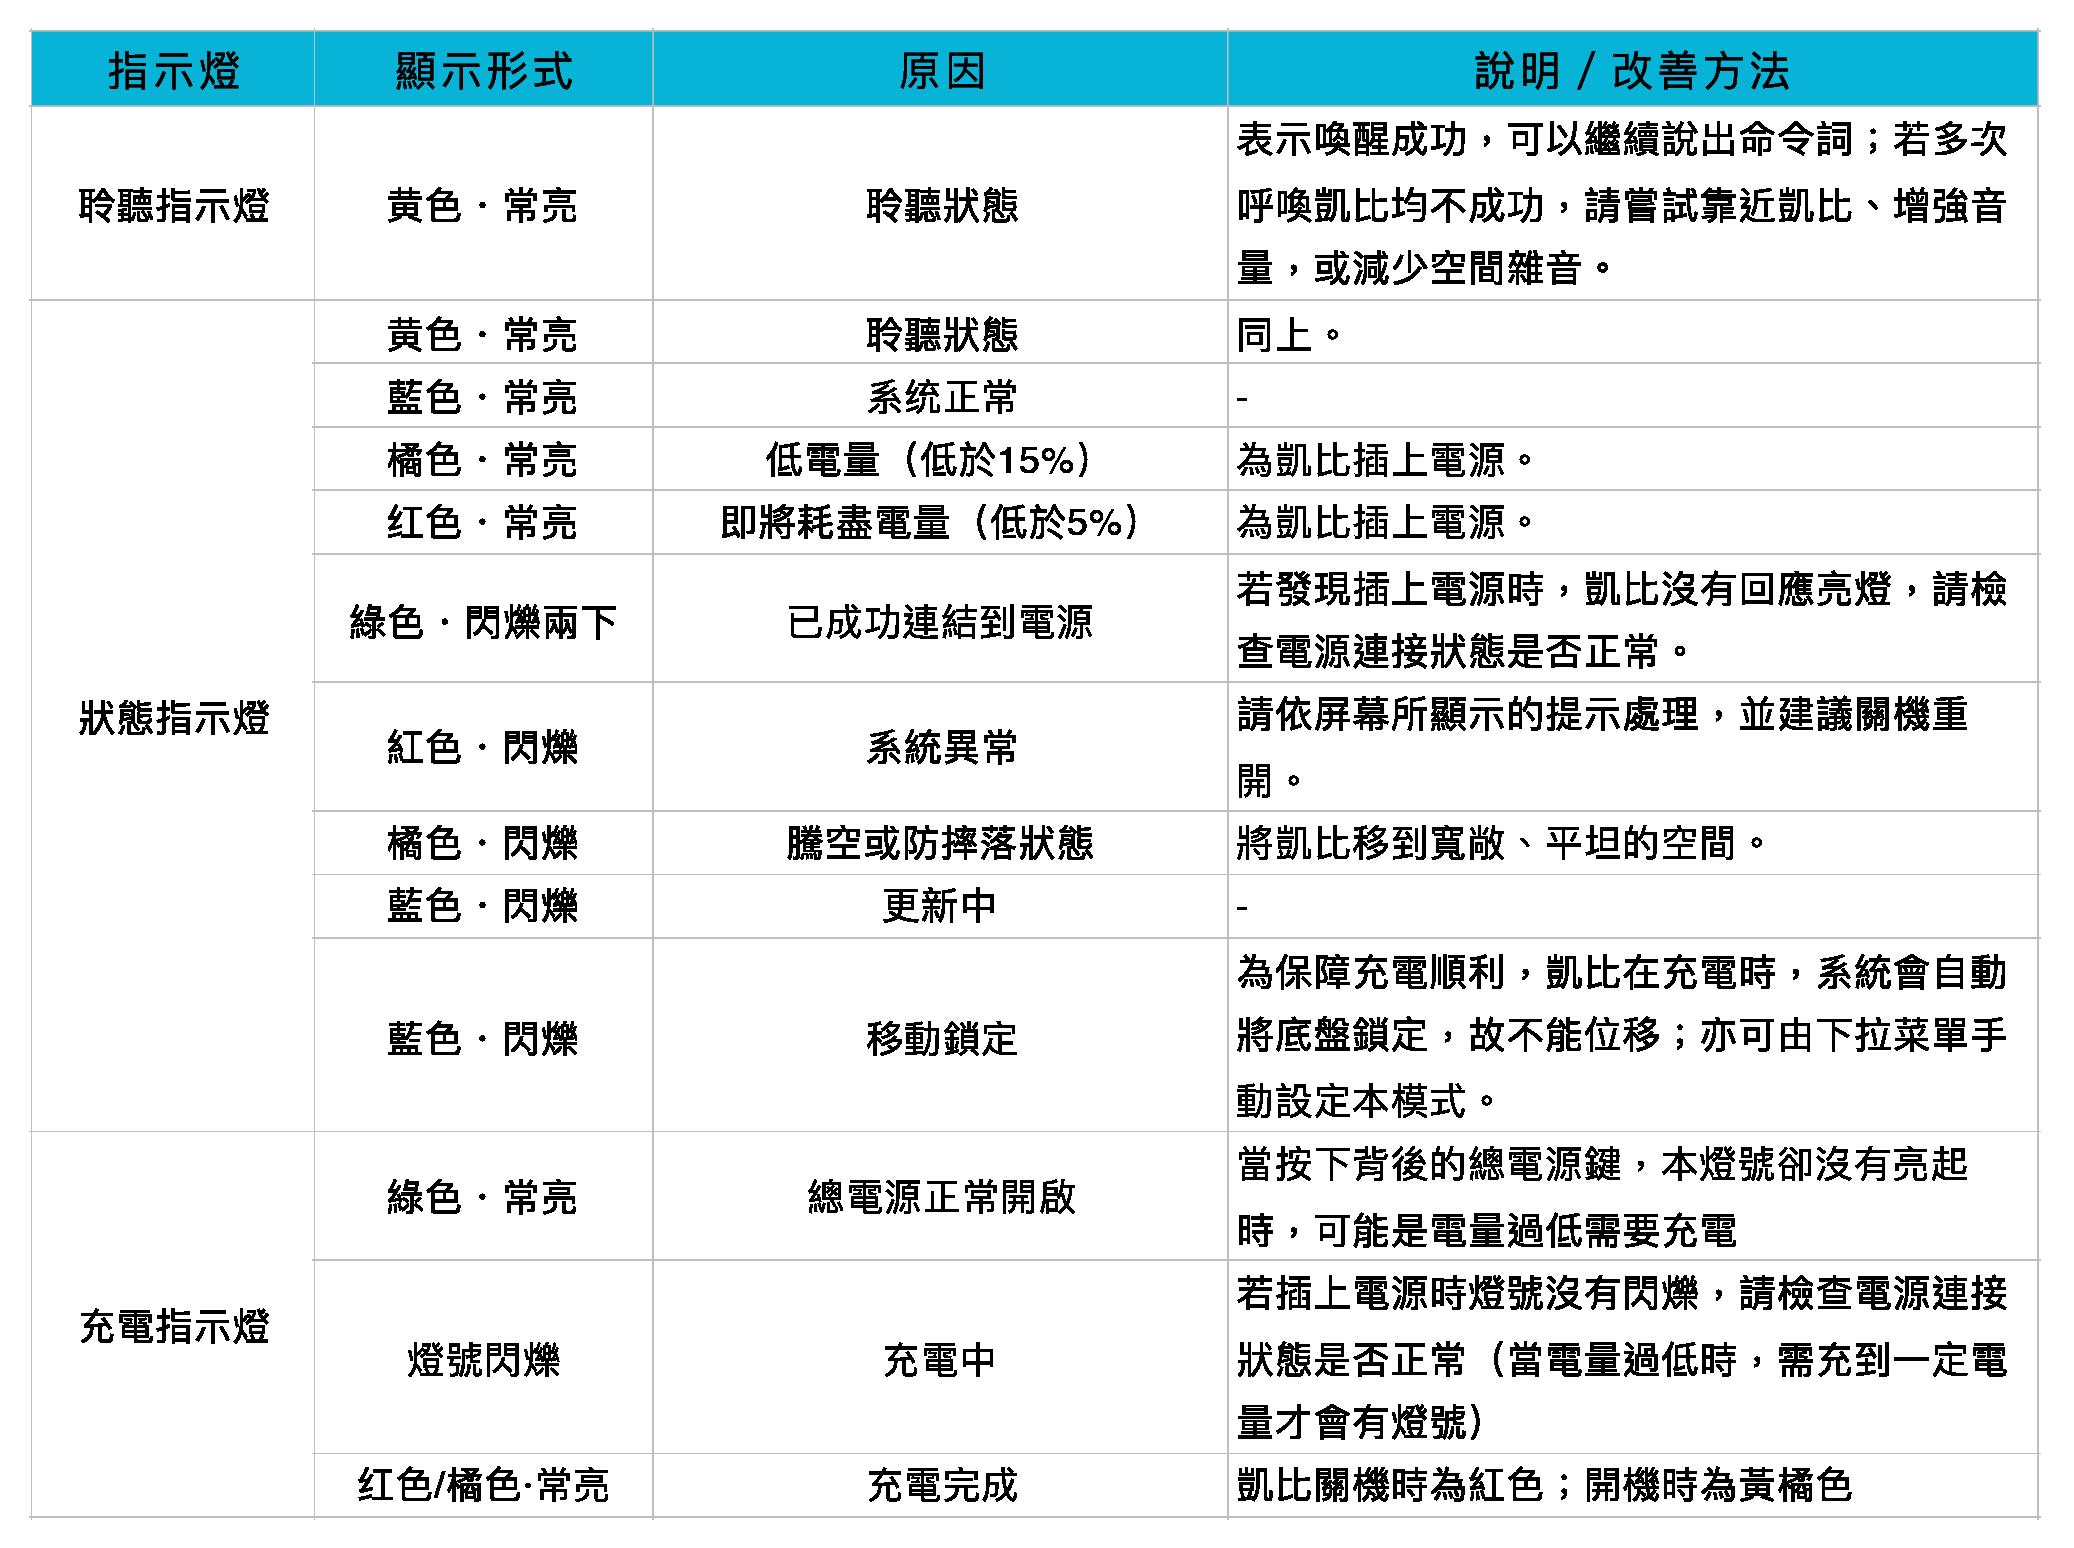 說明圖附表-01.png